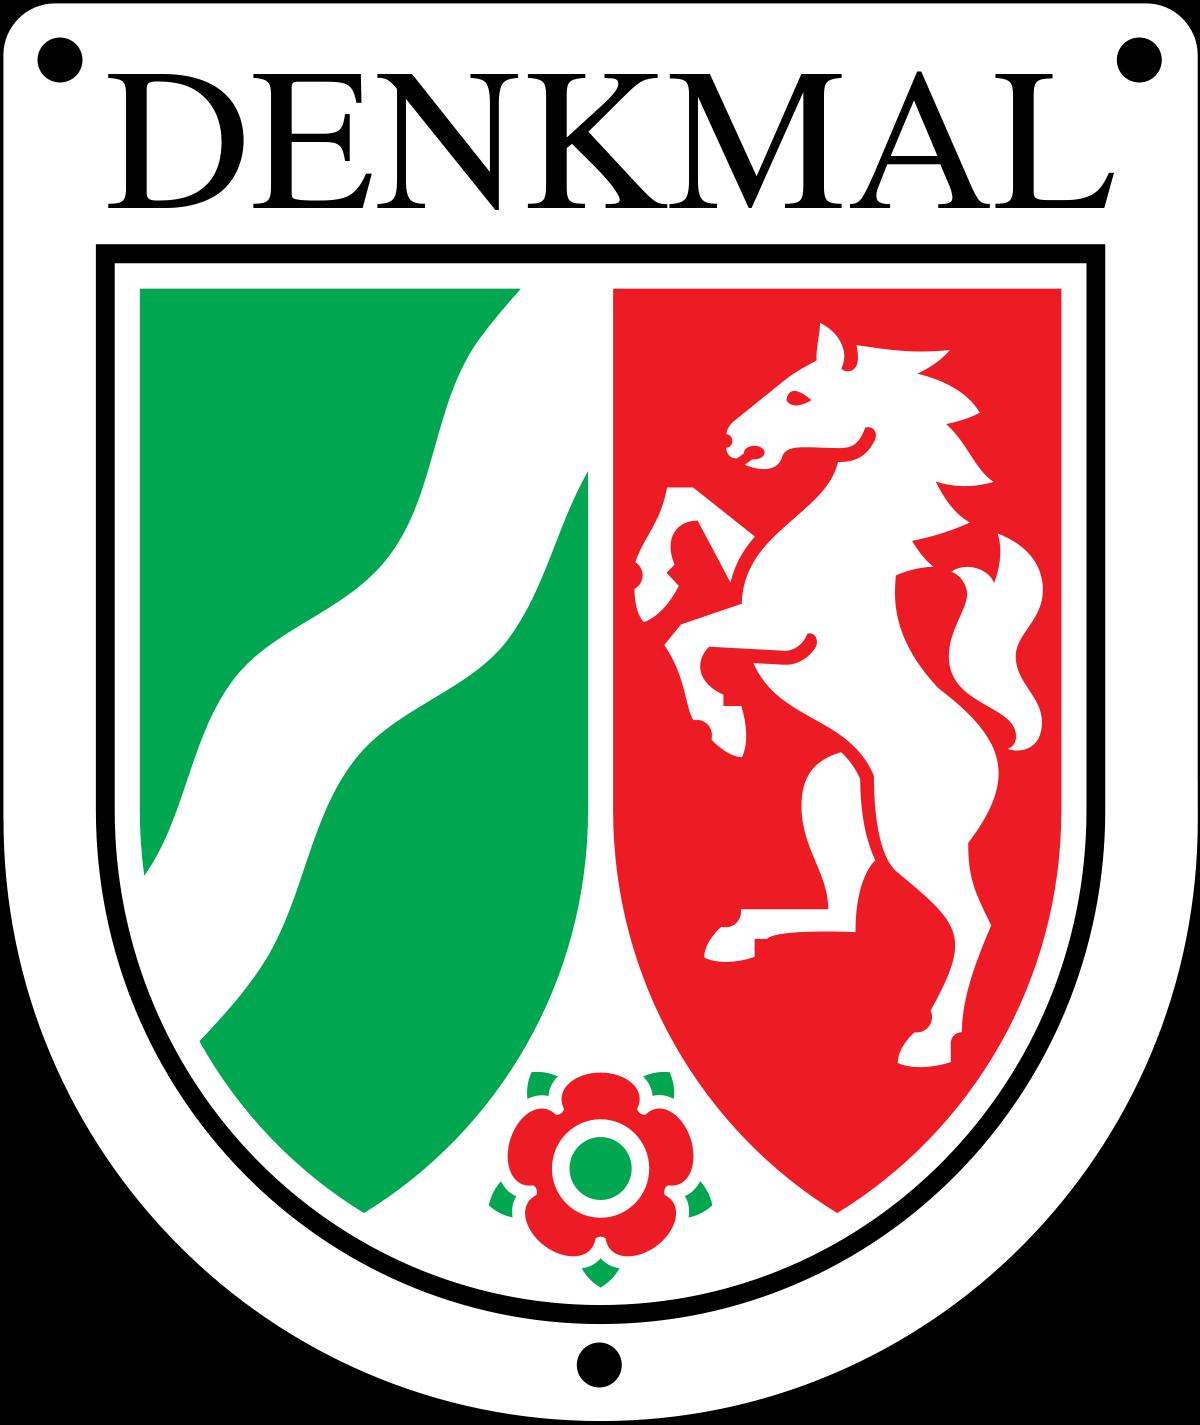 Liste der Bodendenkmäler in Essen.